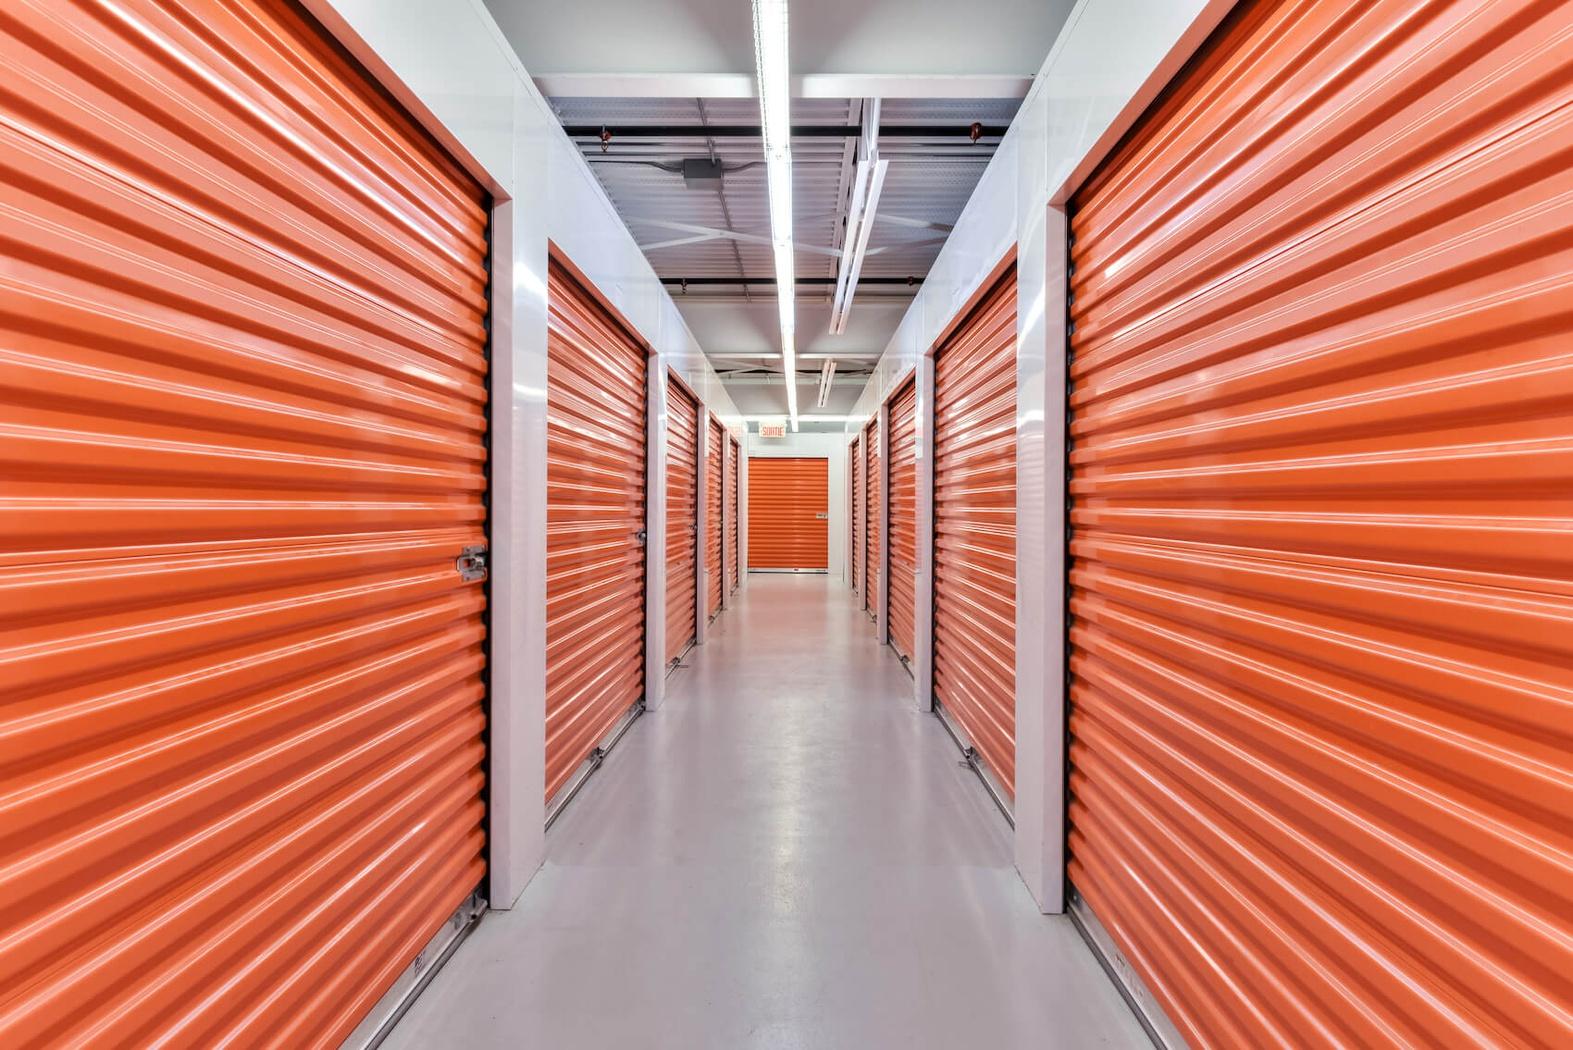 La succursale Safe Self Storage – Halton, située au 7954, boulevard Winston Churchill, a la solution d'entreposage qu'il vous faut. Réservez dès aujourd'hui!